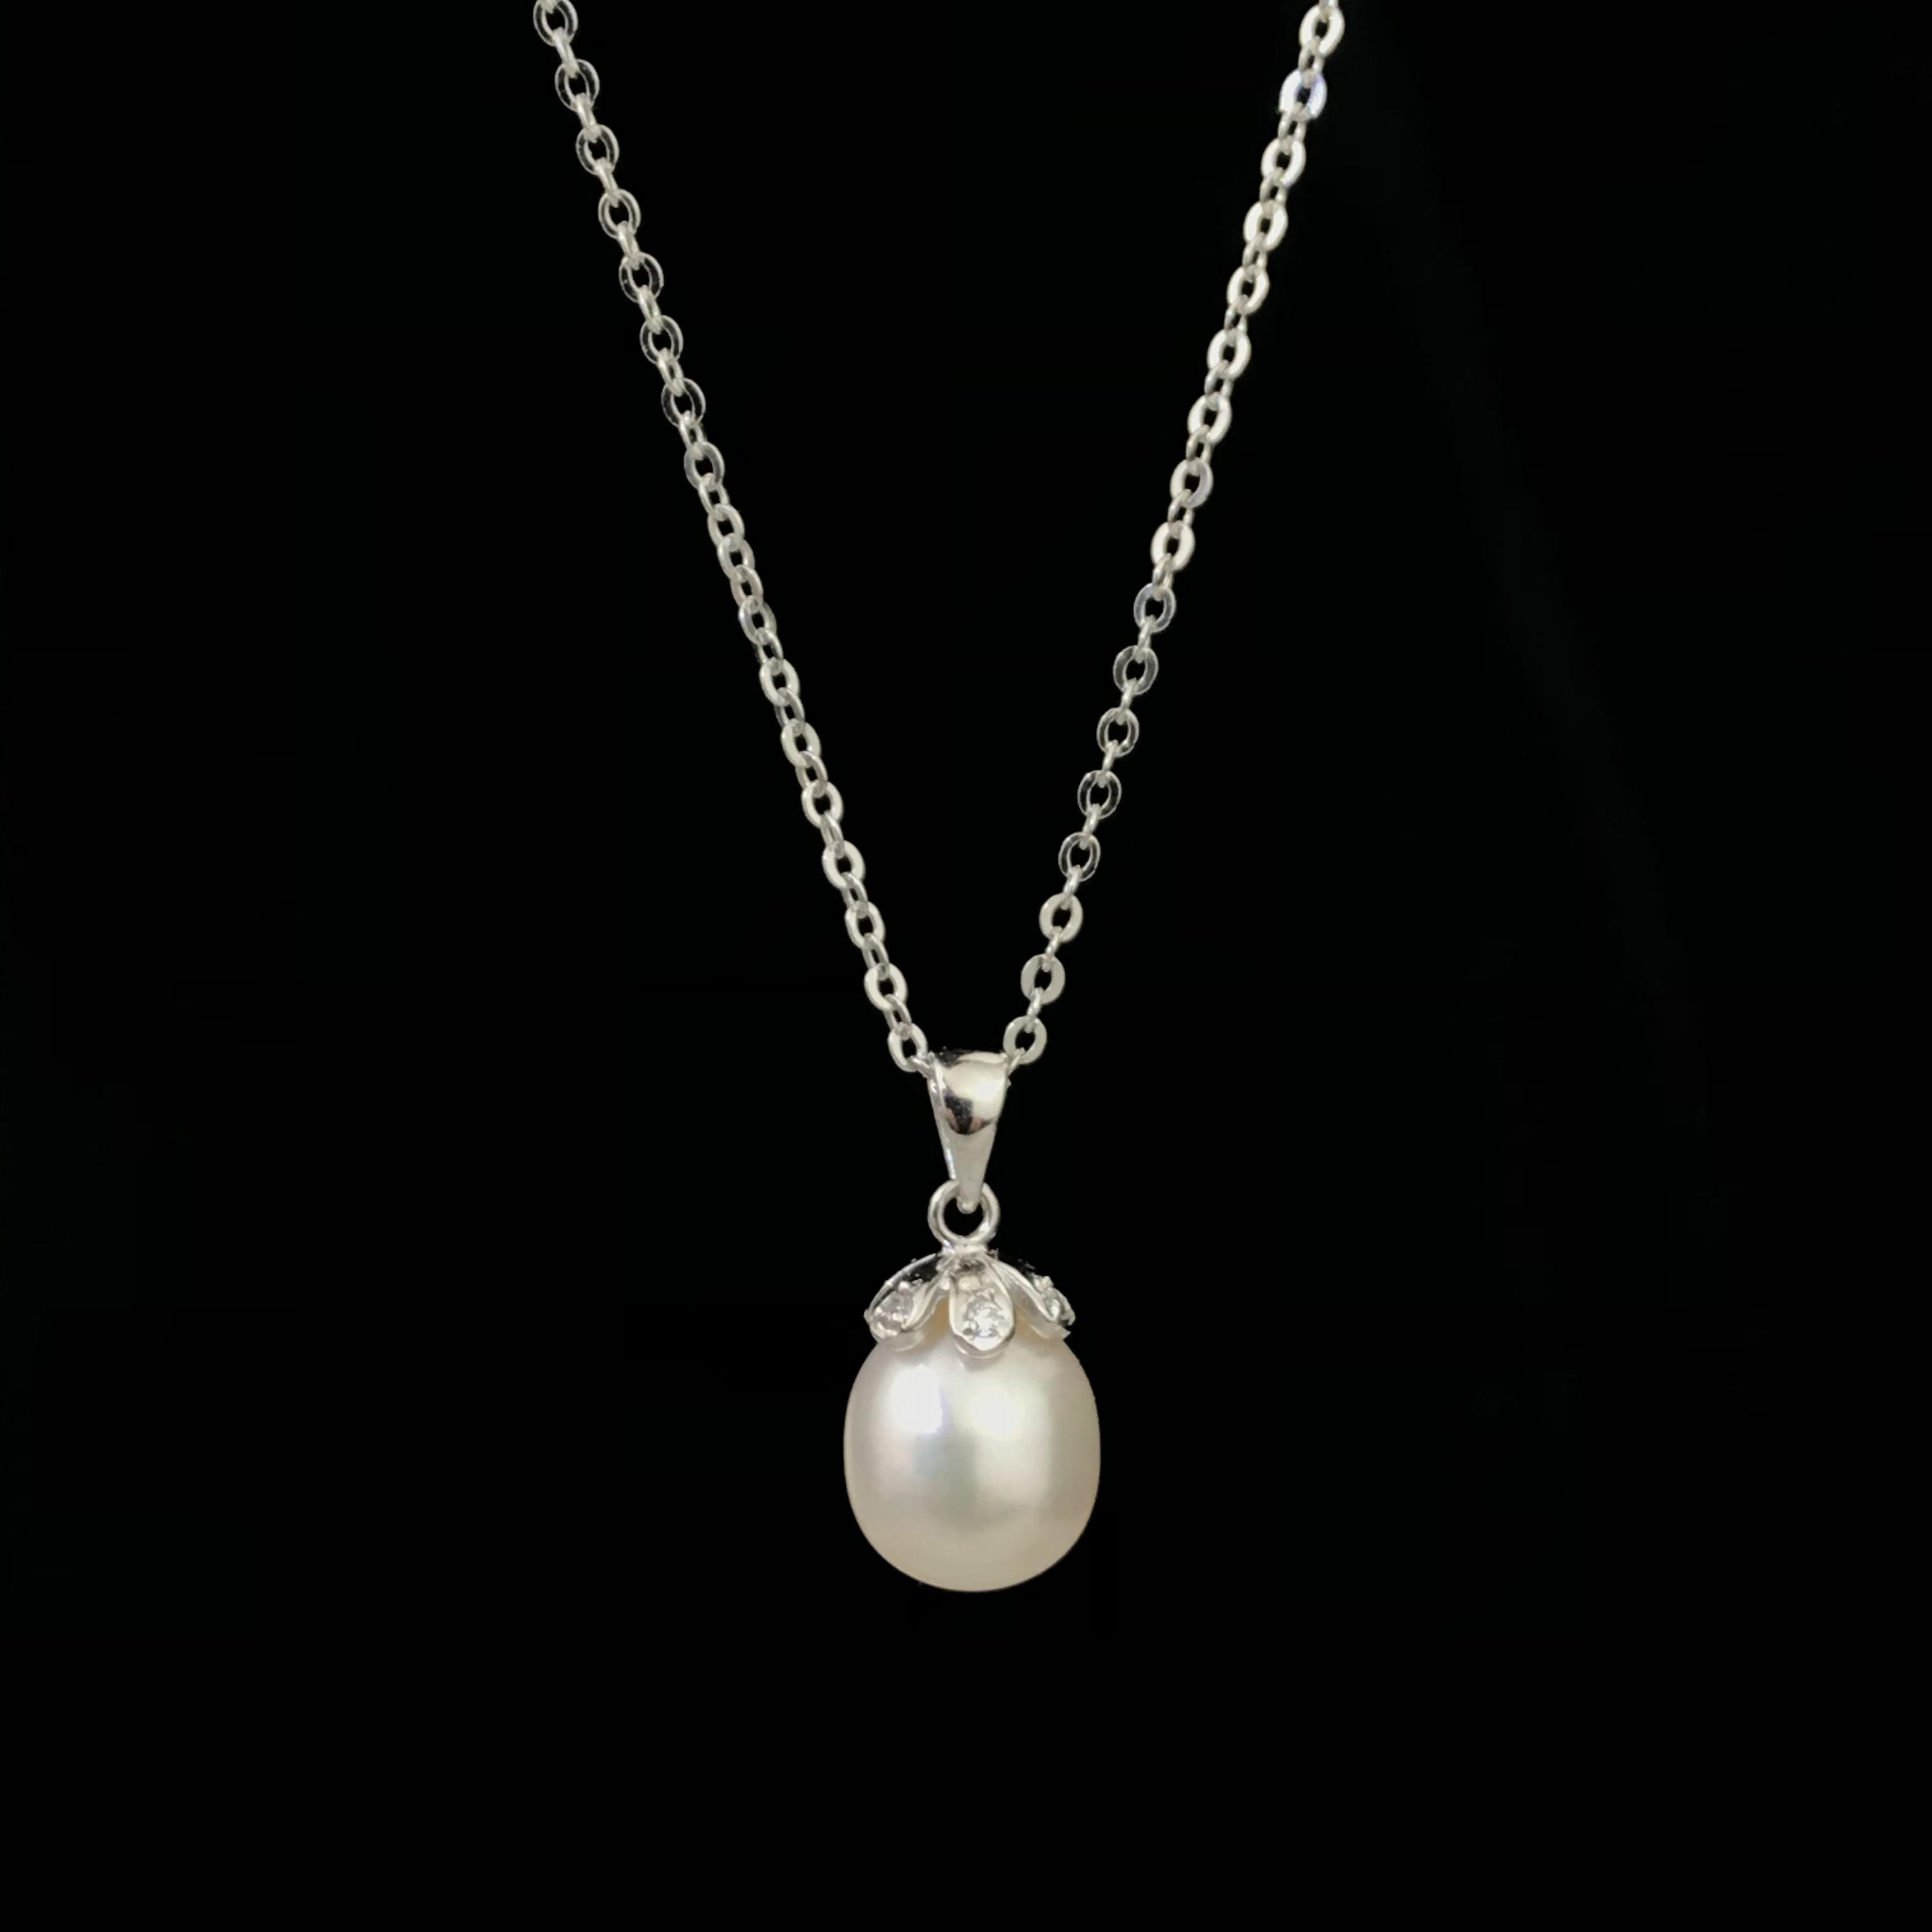 珍珠项链 裙子姐姐推荐 (xsA0018)